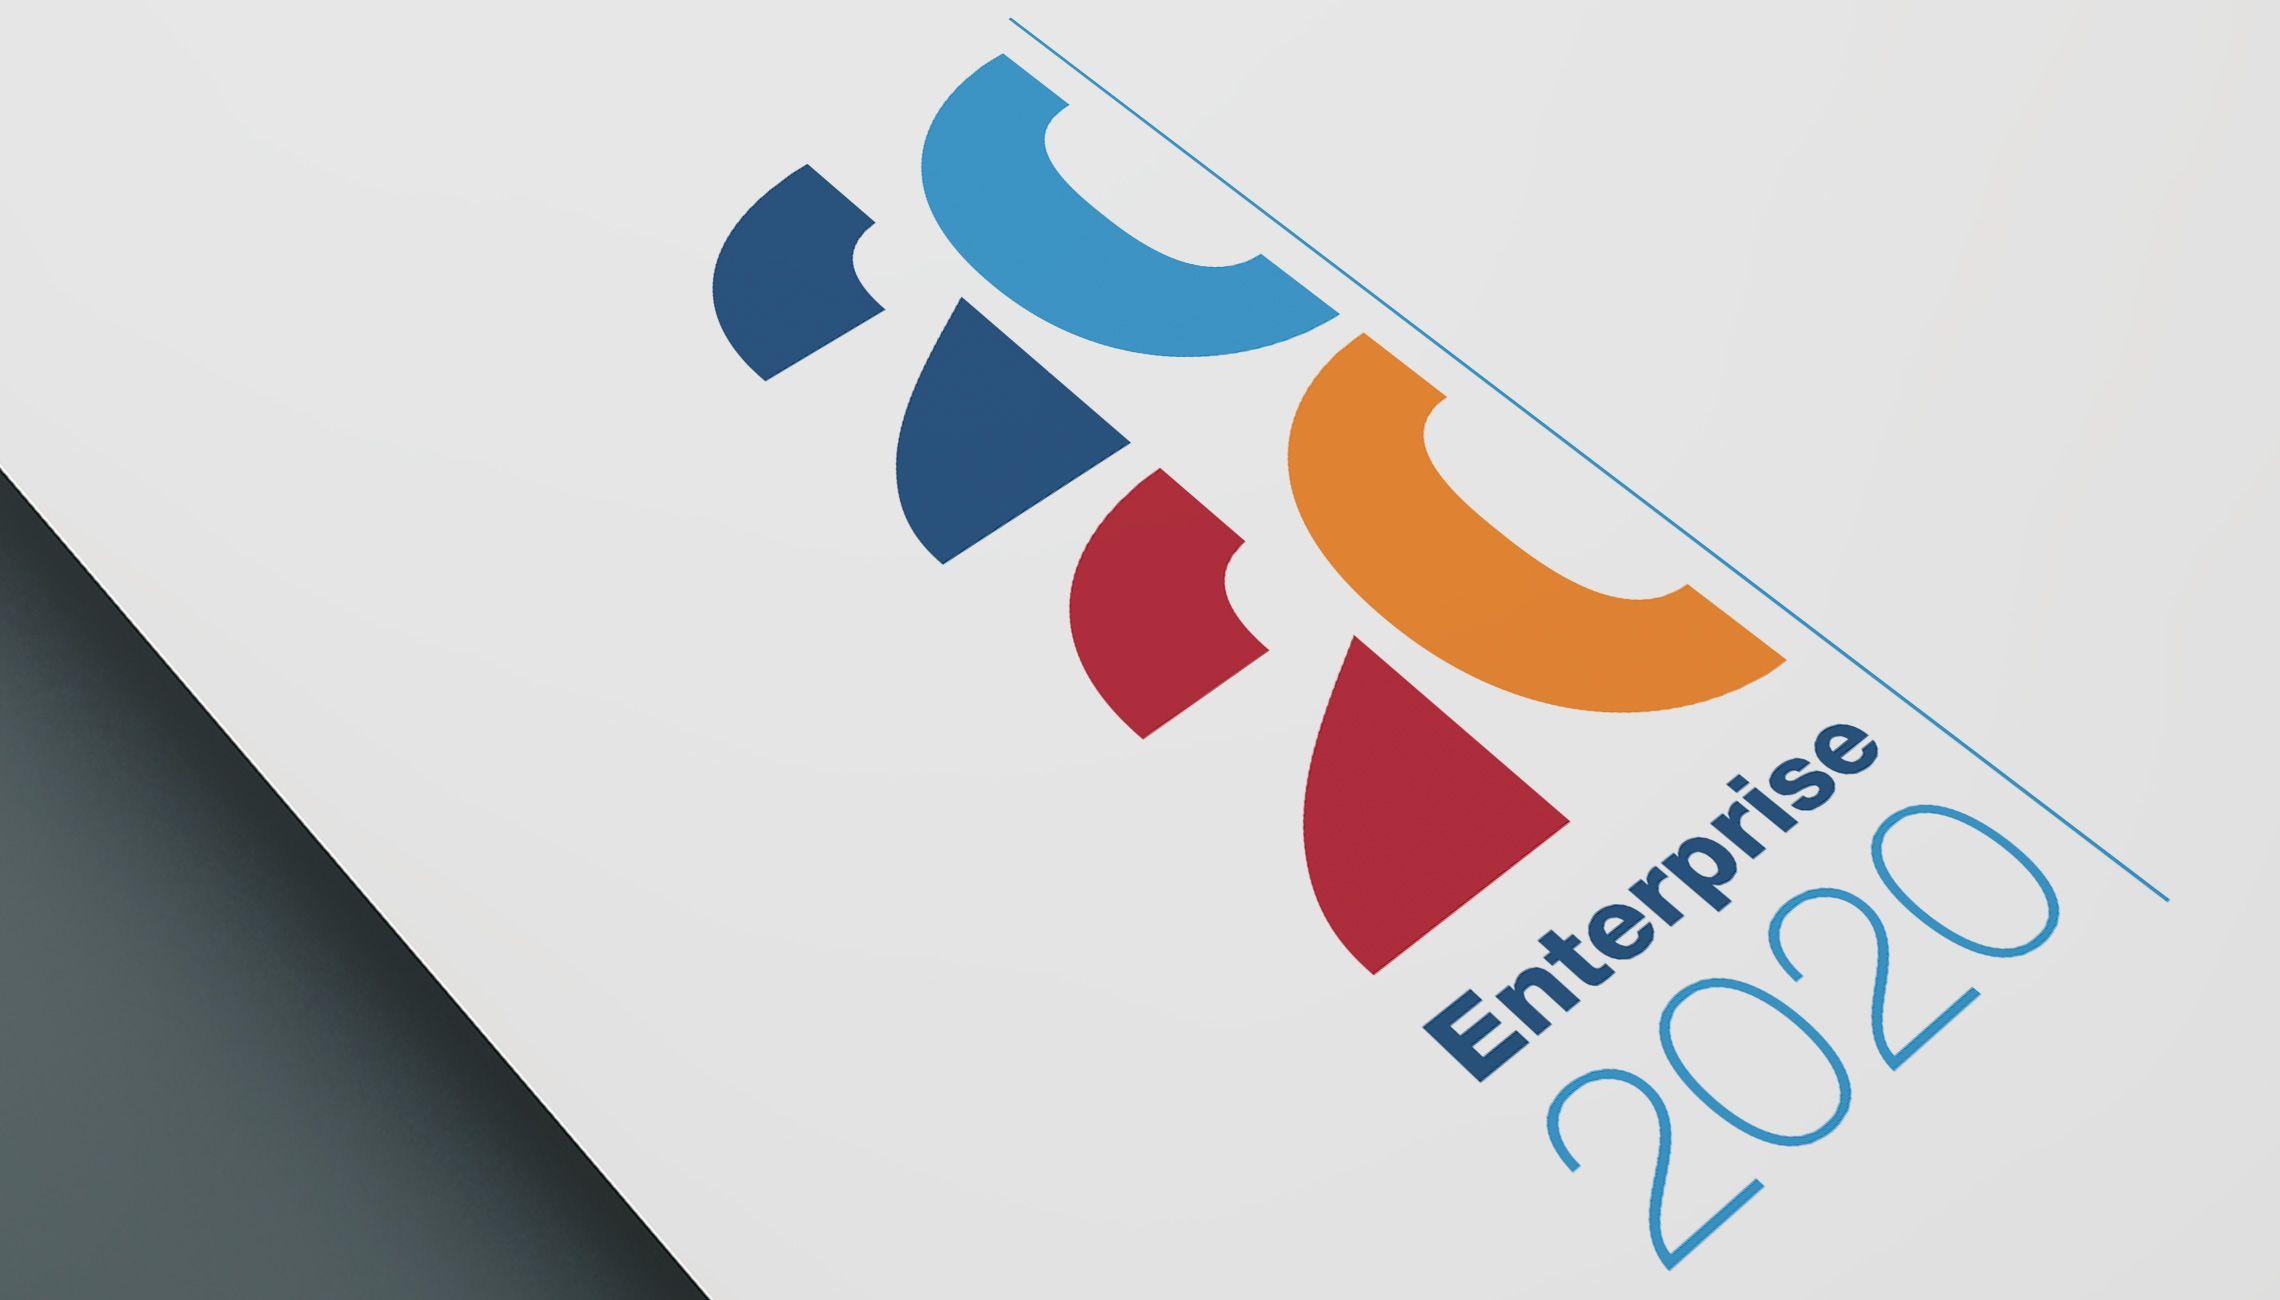 identity: Creation of Enterprise 2020 identity - image 1